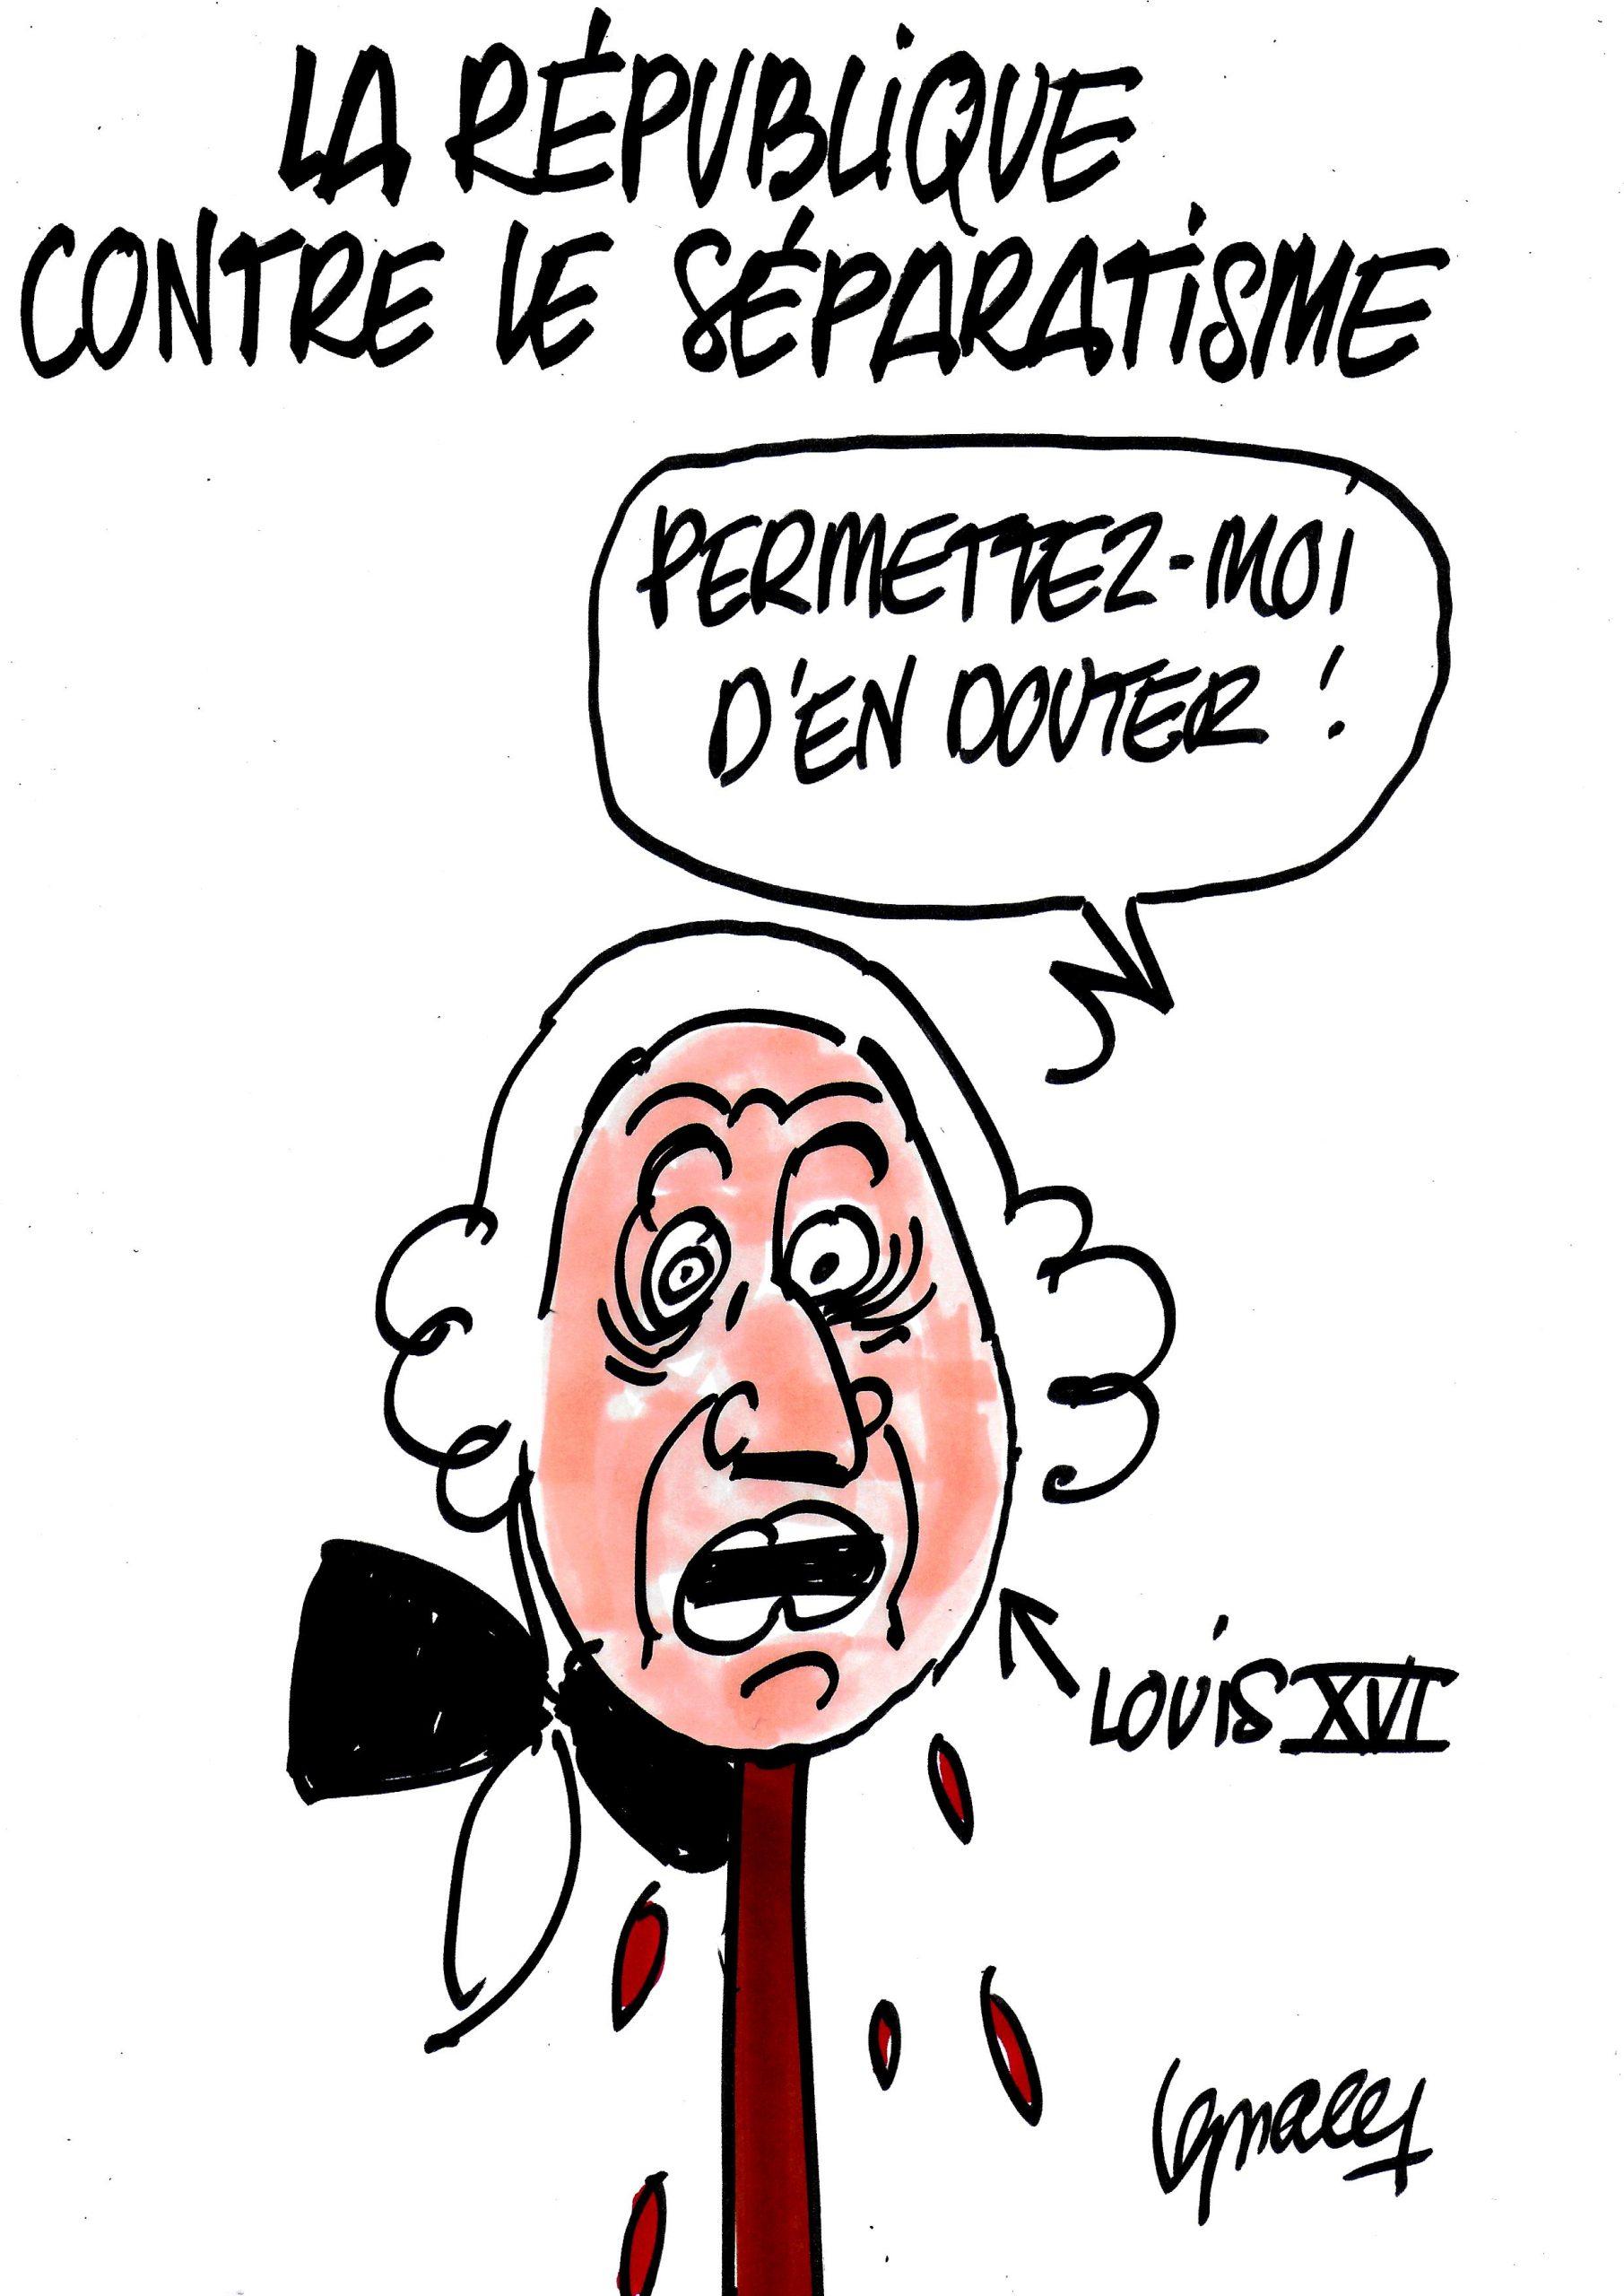 Ignace - La république contre le séparatisme